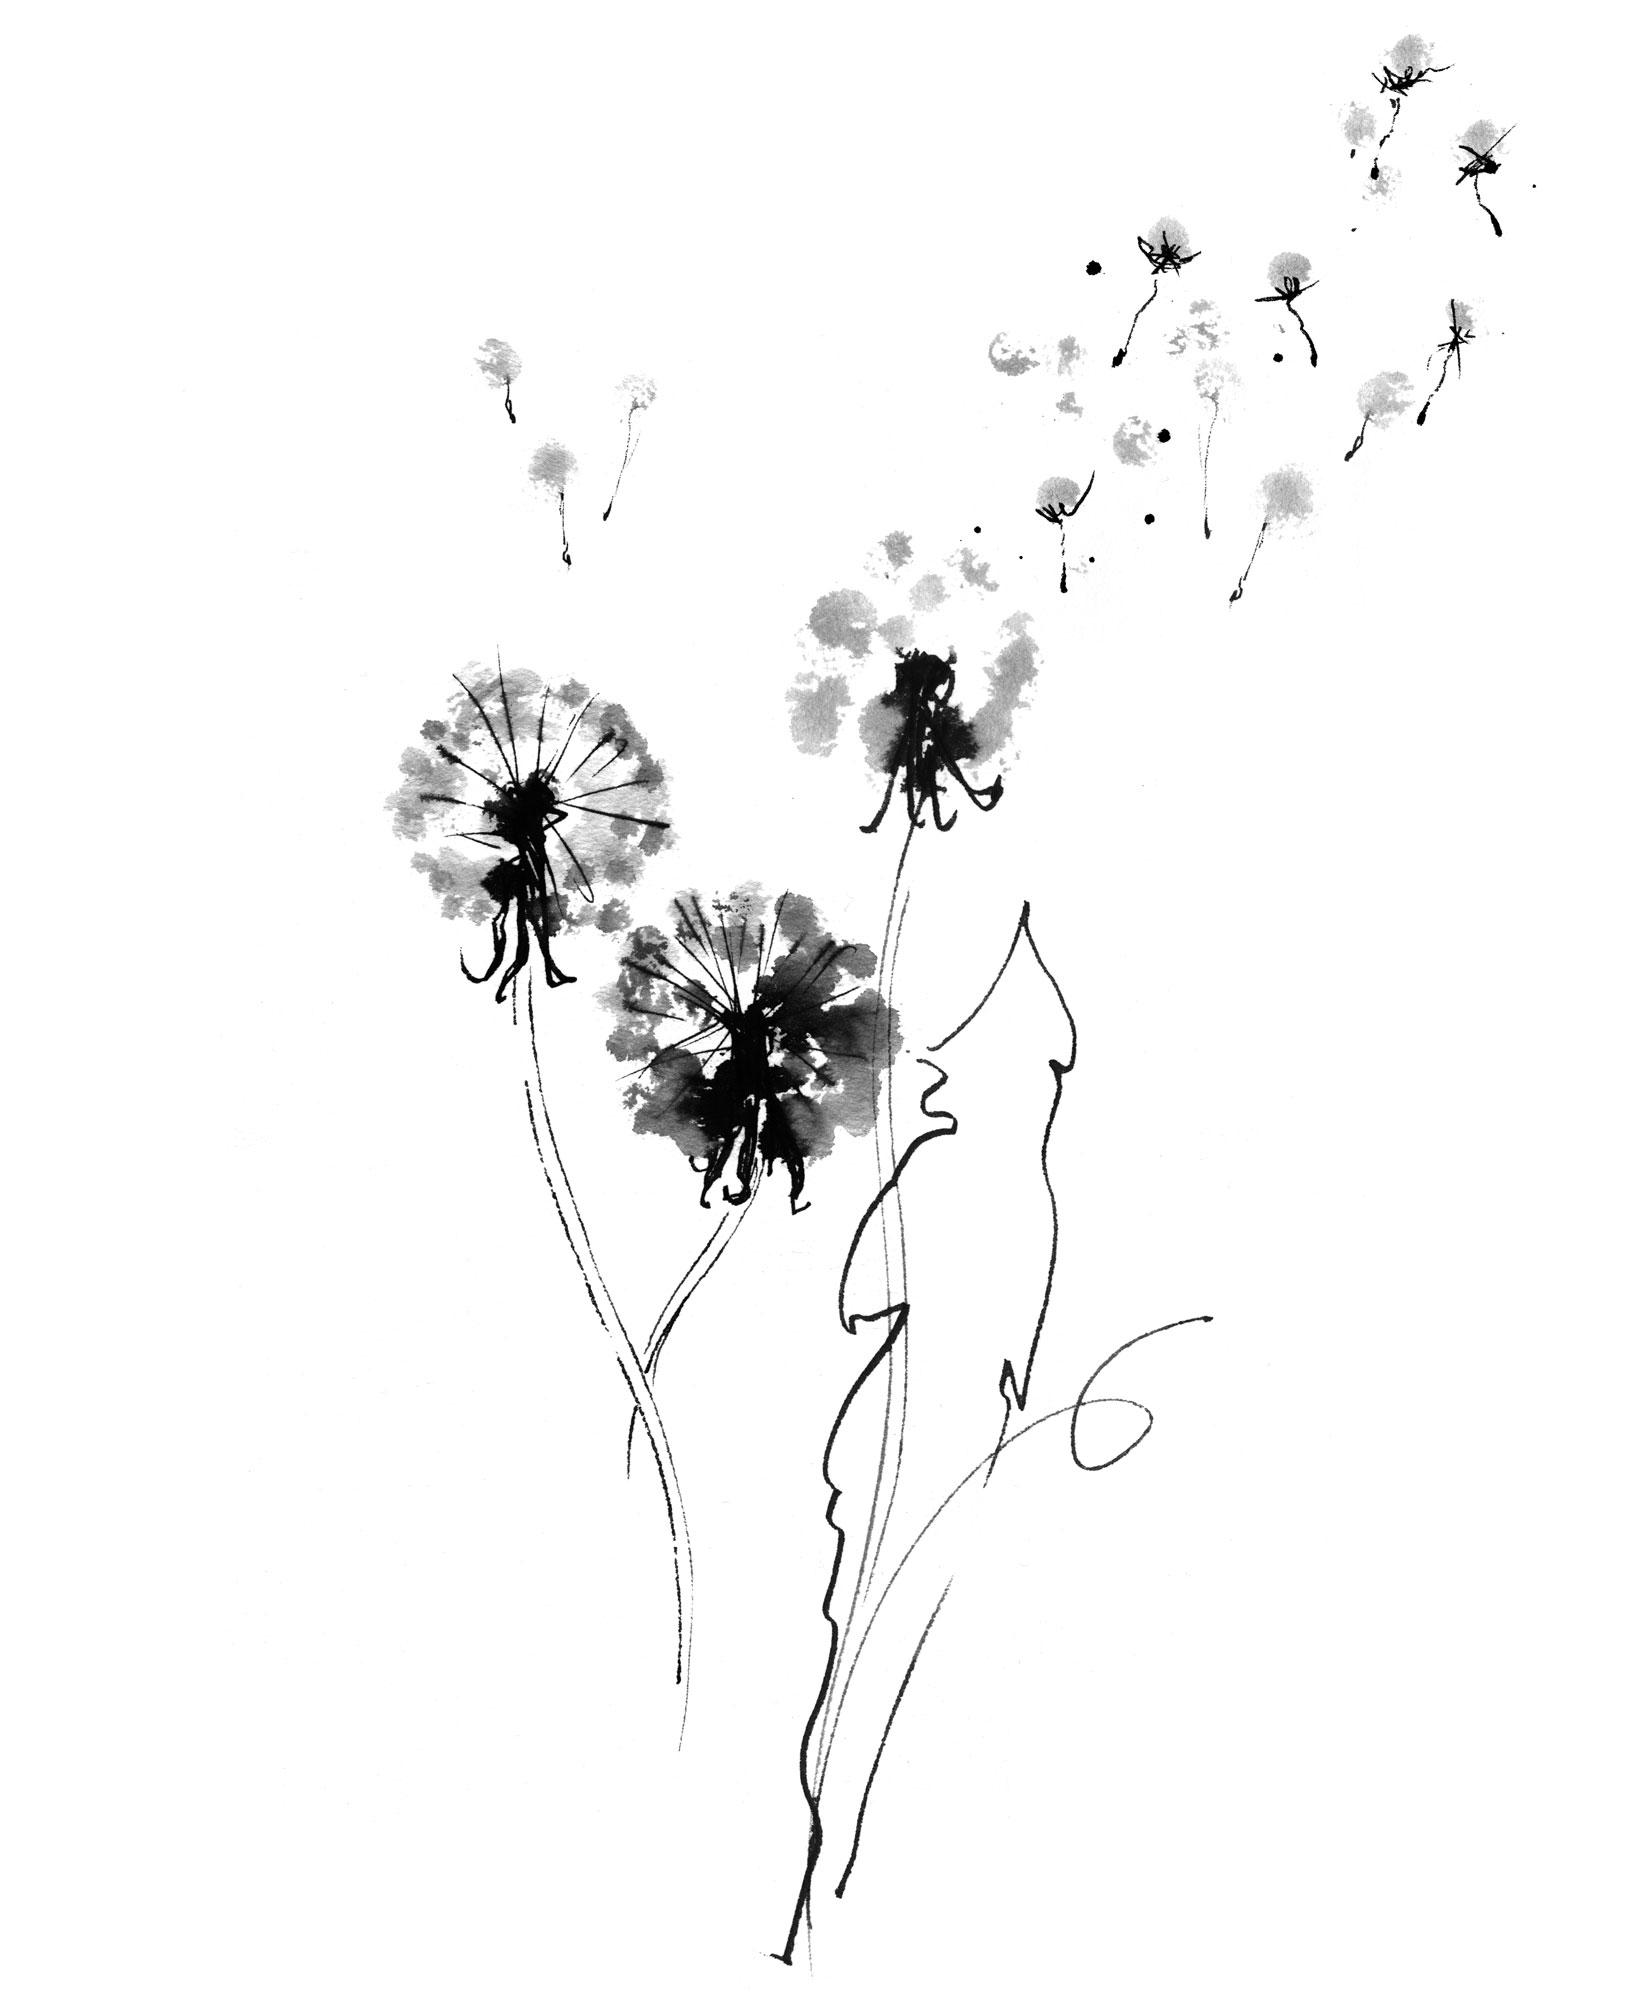 Lovisa-Burfitt-illustration-Dandelions-wiltering